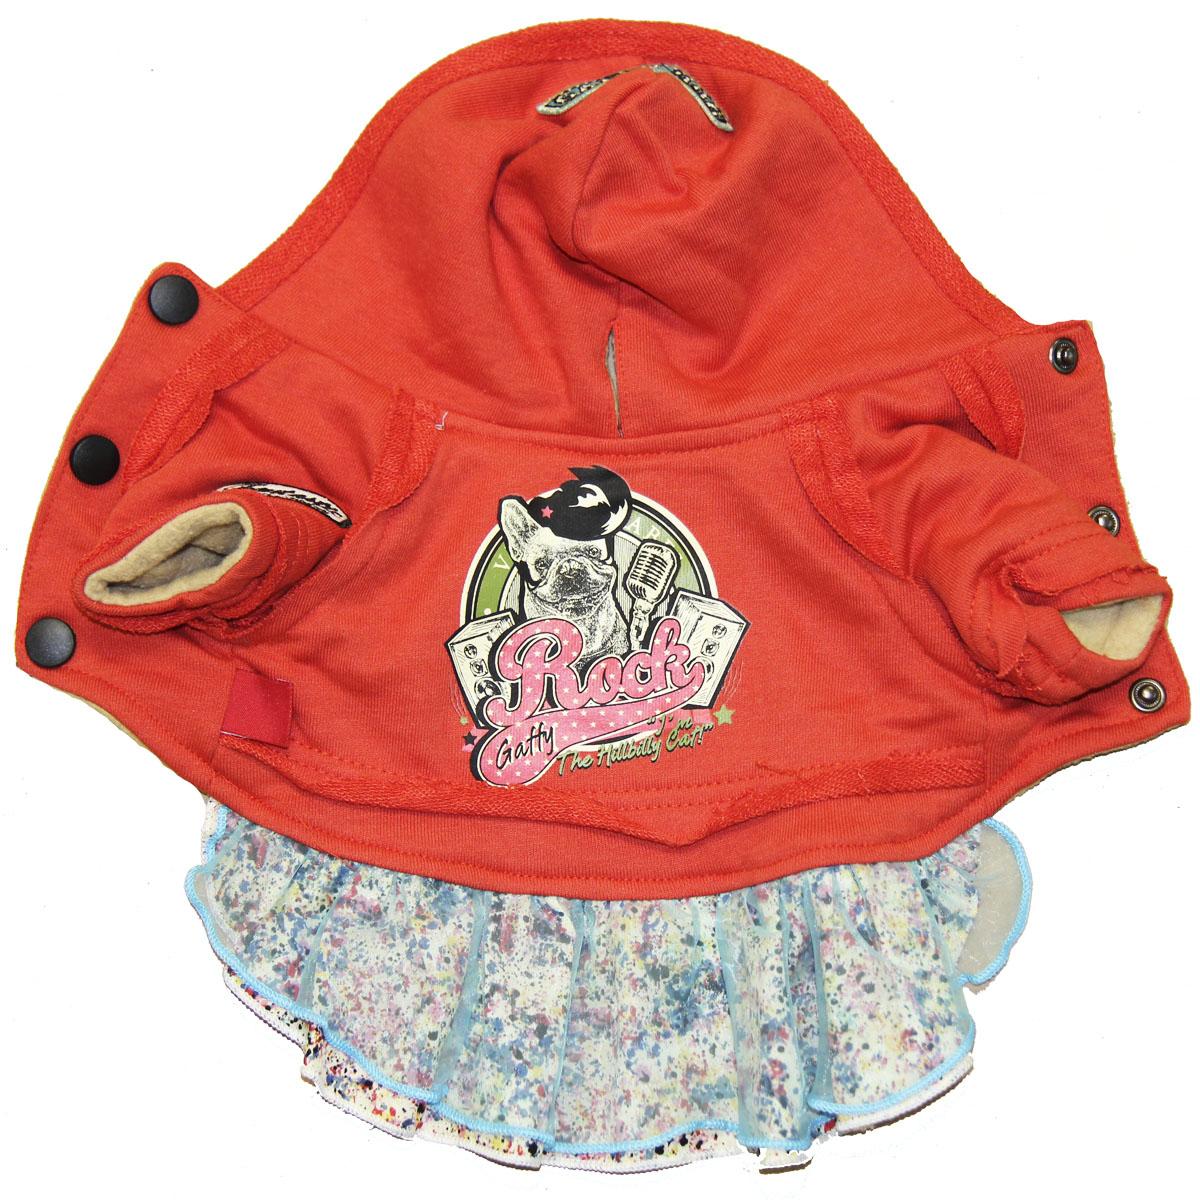 Костюм для собак Gaffy Pet Rock Baby, для девочки, цвет: красный. Размер M11004 MЦельный костюм для модных собачек Gaffy Pet Rock Baby состоит из 2-х частей: толстовка в стиле рок и юбка с ярким принтом. Нежная юбка выполнена из хлопка и органзы.Актуальный спортивный шик. Модная толстовка и романтичная юбка - тренд в мире моды.Модель фиксируется на животе металлическими кнопками.Обхват шеи: 26 см.Обхват груди: 45 см.Длина спины: 31 см.Одежда для собак: нужна ли она и как её выбрать. Статья OZON Гид